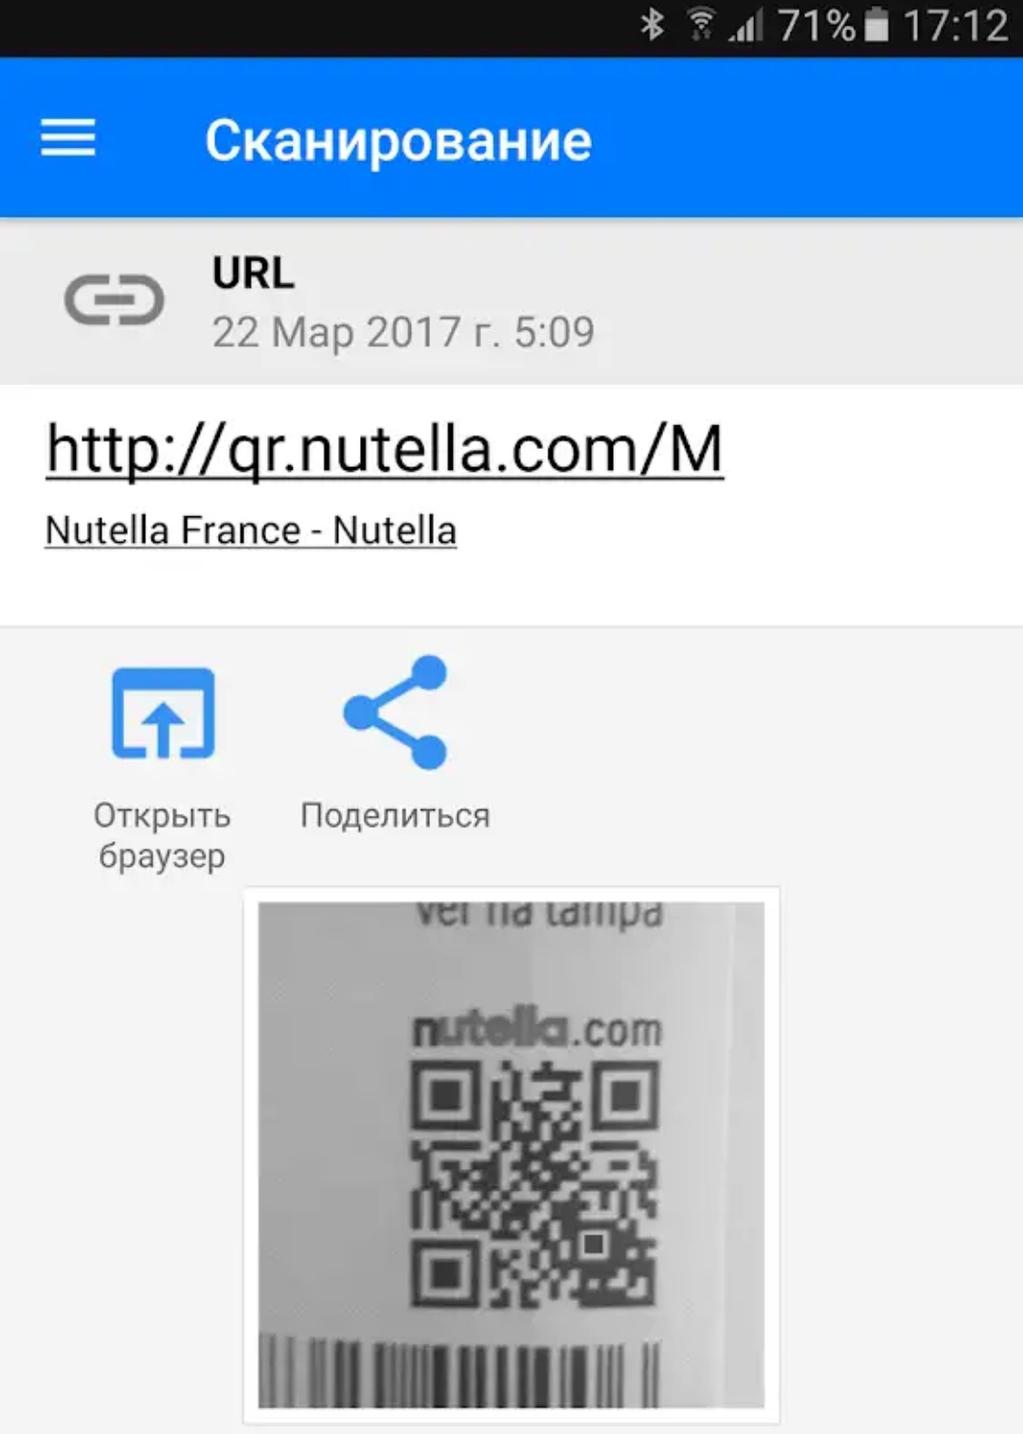 отсканированная информация по QR-коду